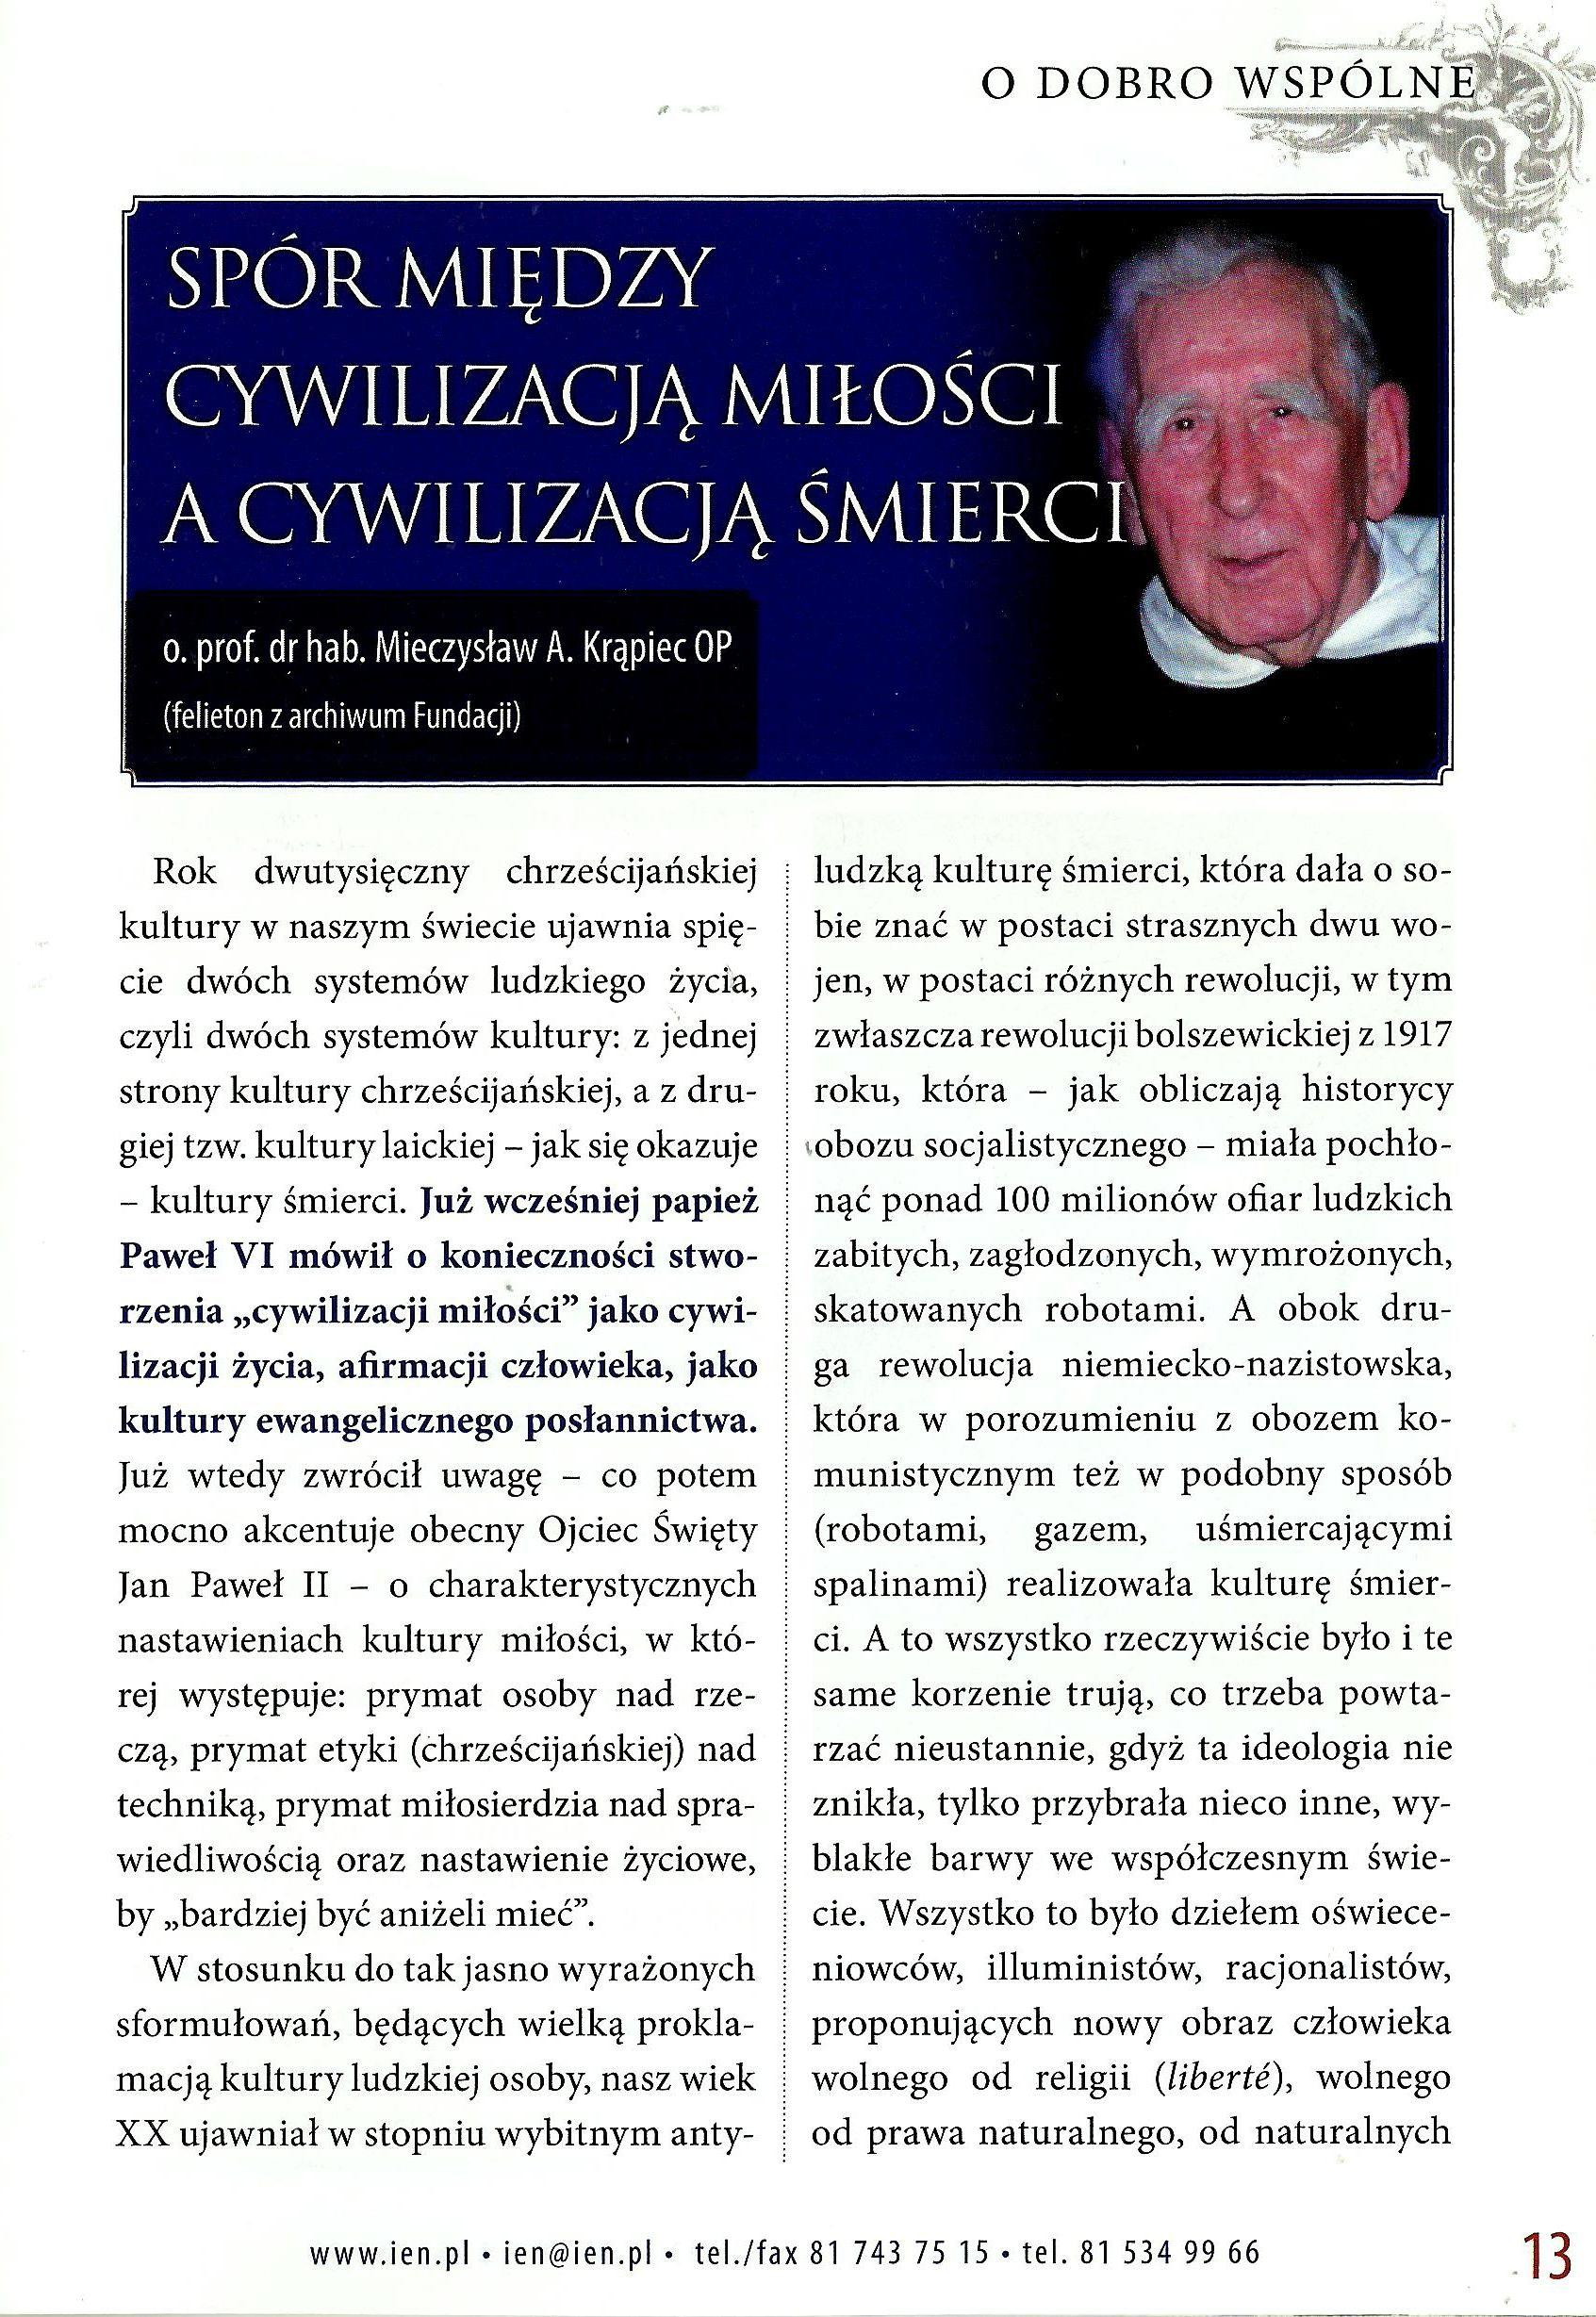 SPÓR MIĘDZY CYWILIZACJĄ MIŁOŚCI A CYWILIZACJĄ ŚMIERCI -NR 45 - 2014-1